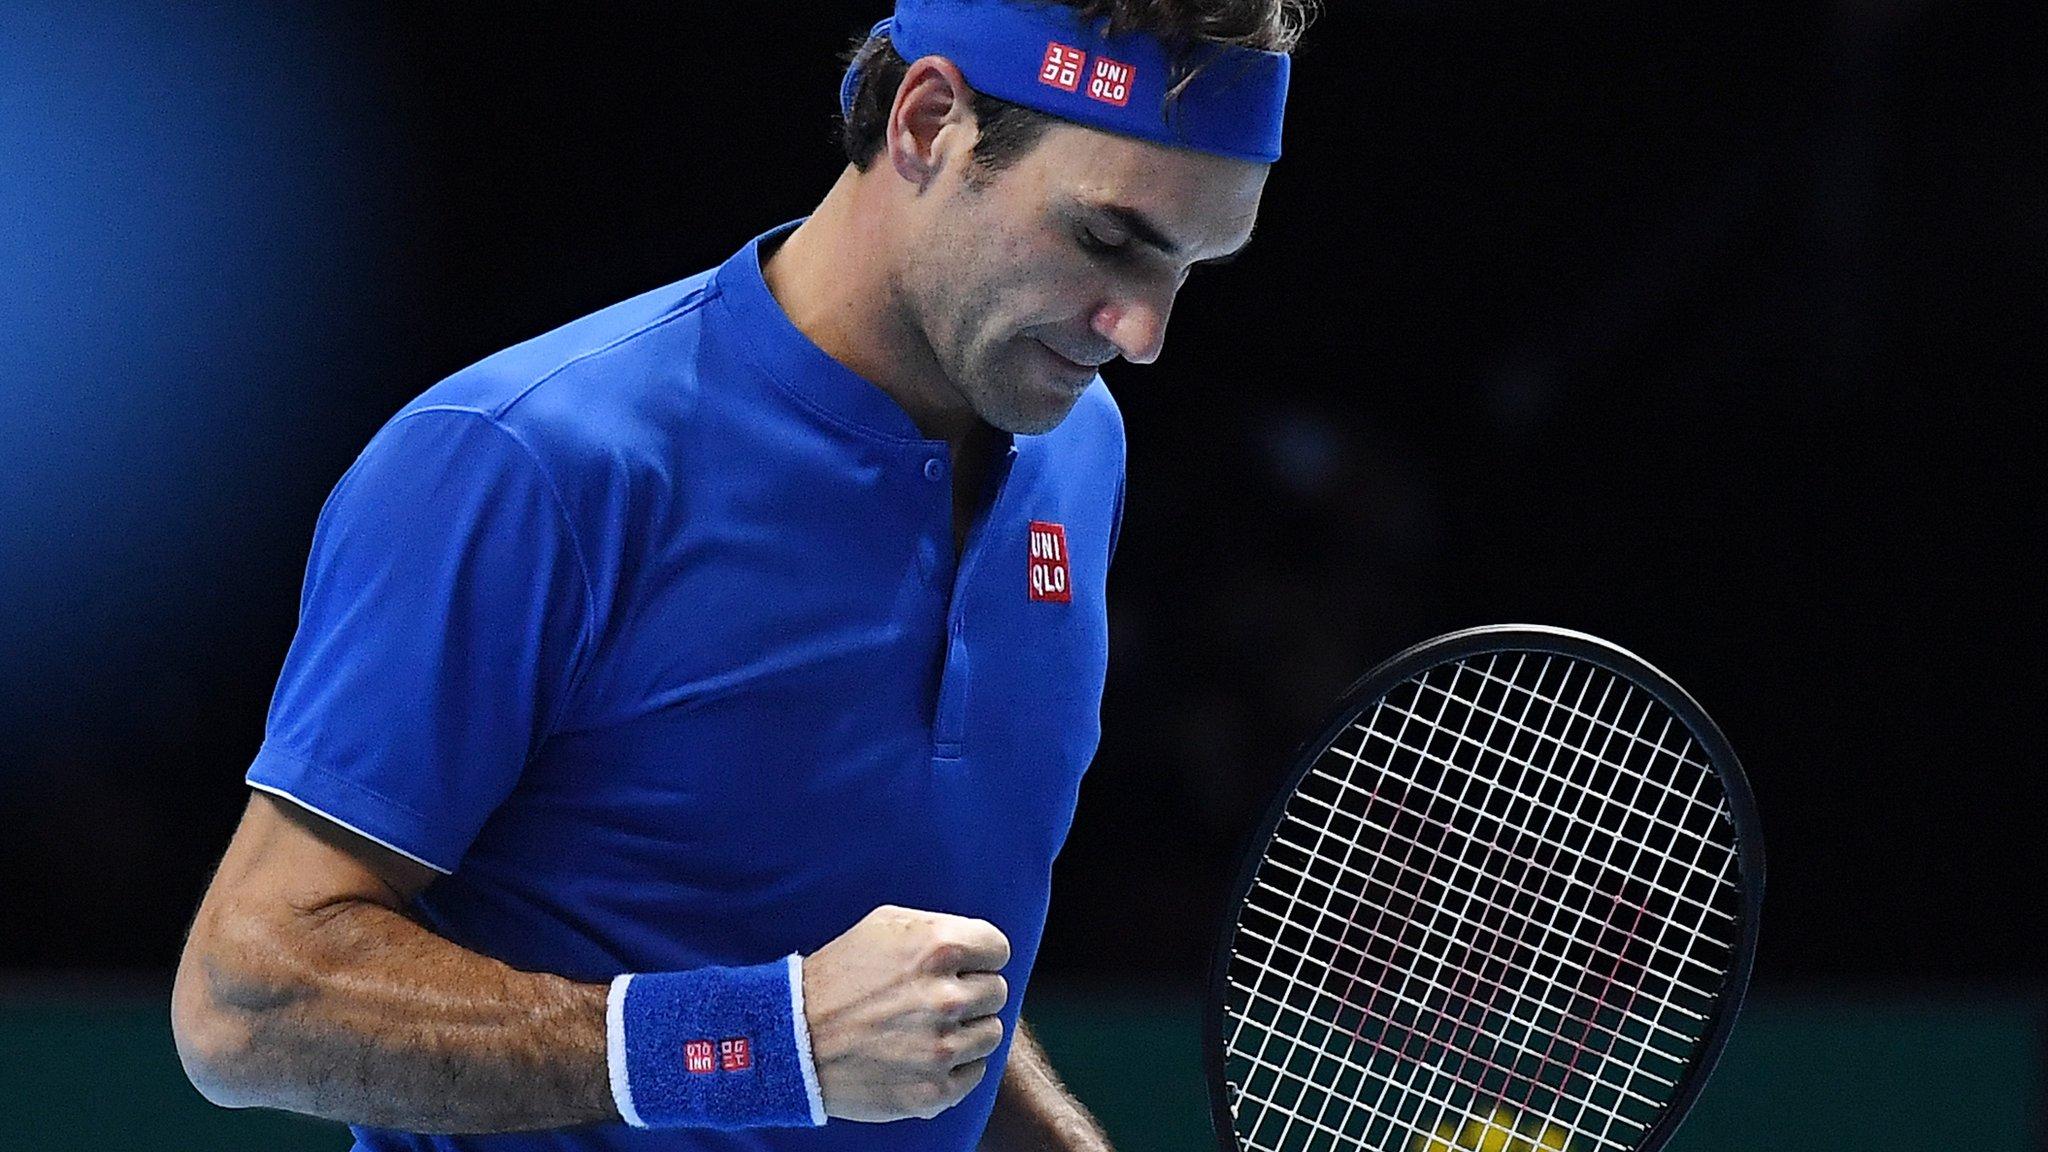 Federer wins to keep alive ATP Finals hopes